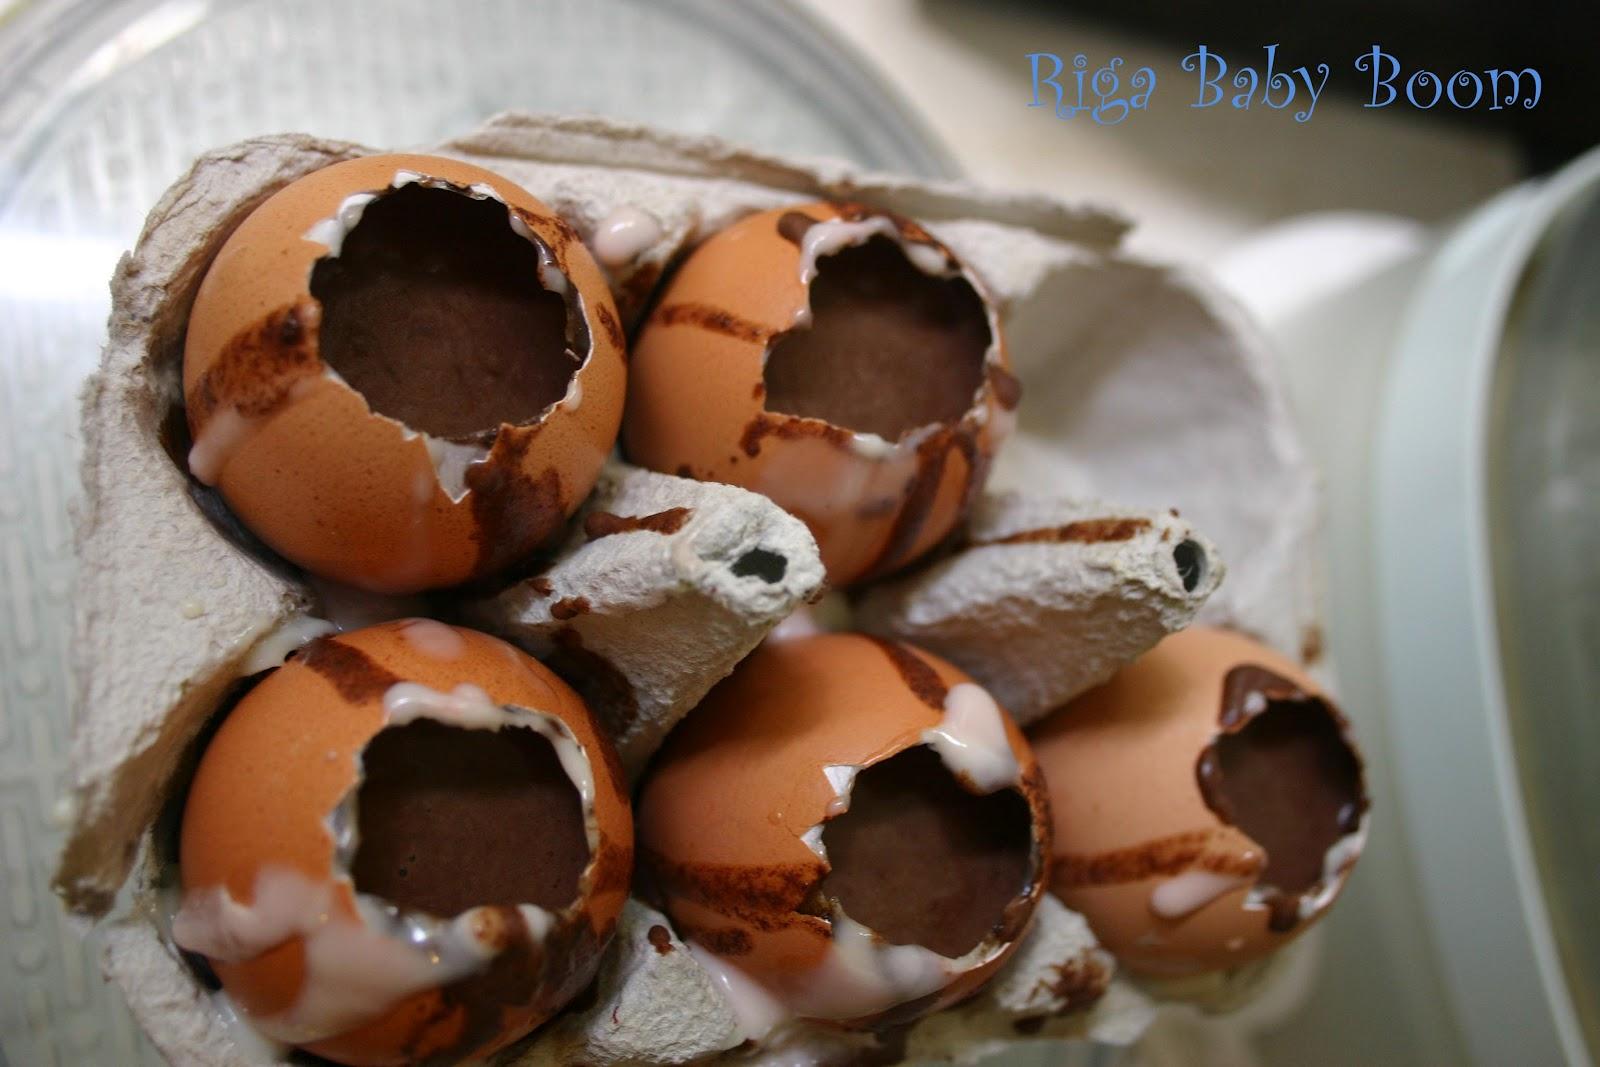 яйцо фаберже рецепт шоколадное-хв2